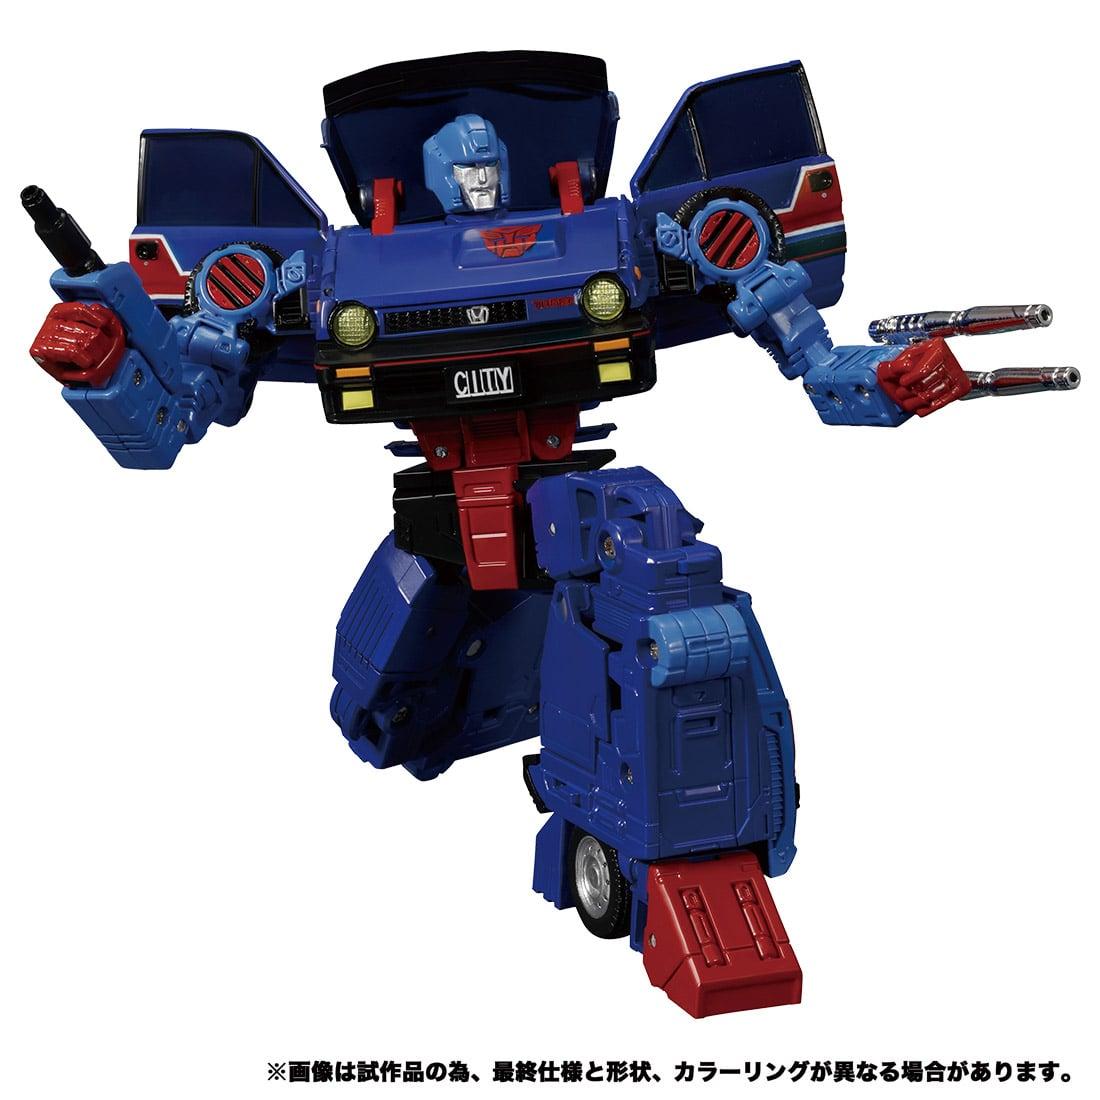 マスターピース『MP-53 スキッズ』トランスフォーマー 可変可動フィギュア-005